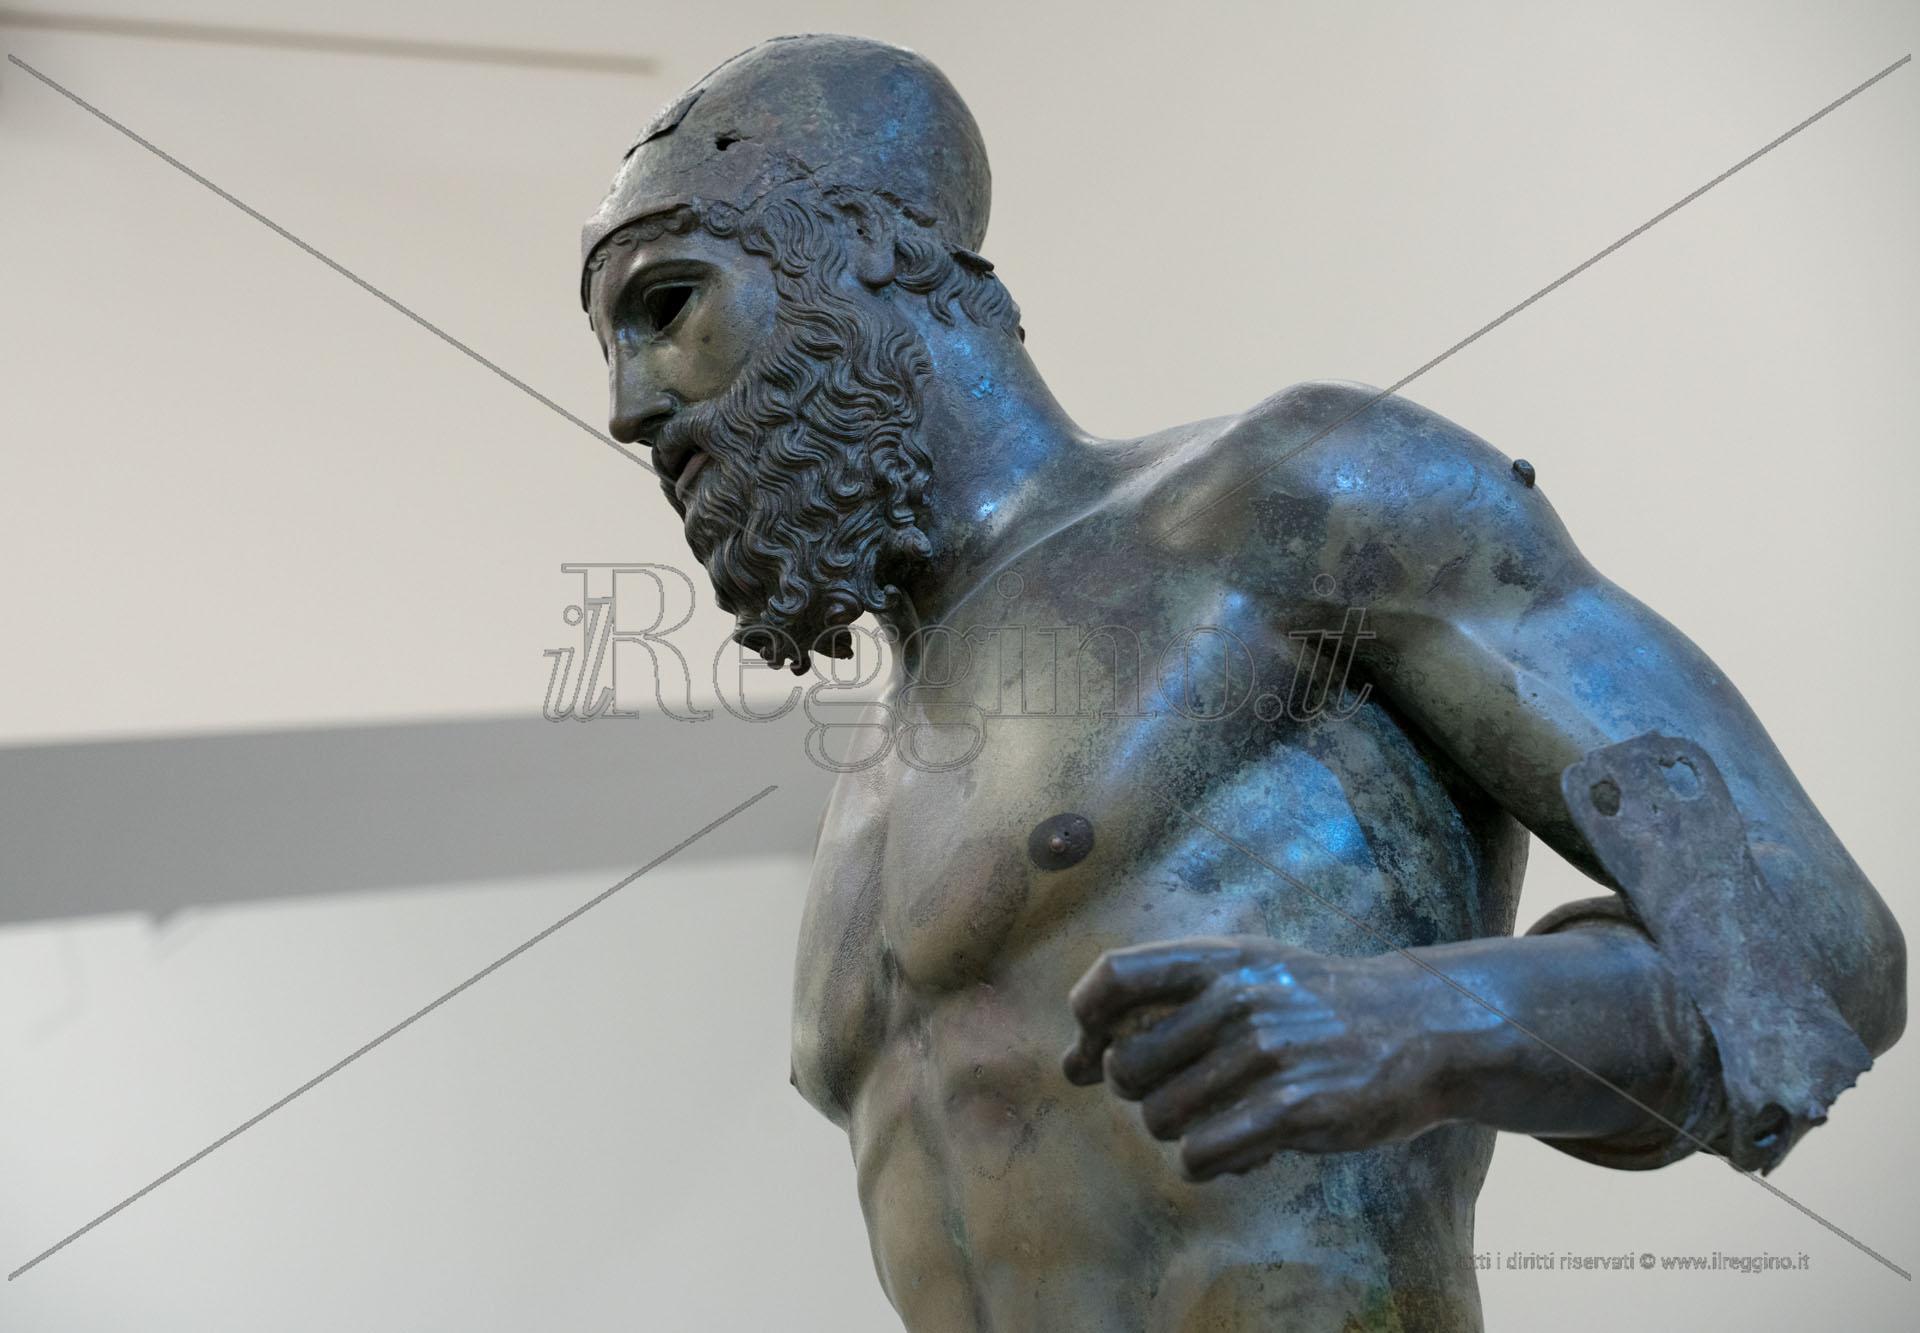 Bronzi, il giallo della terza statua dalle braccia aperte: è la madre?